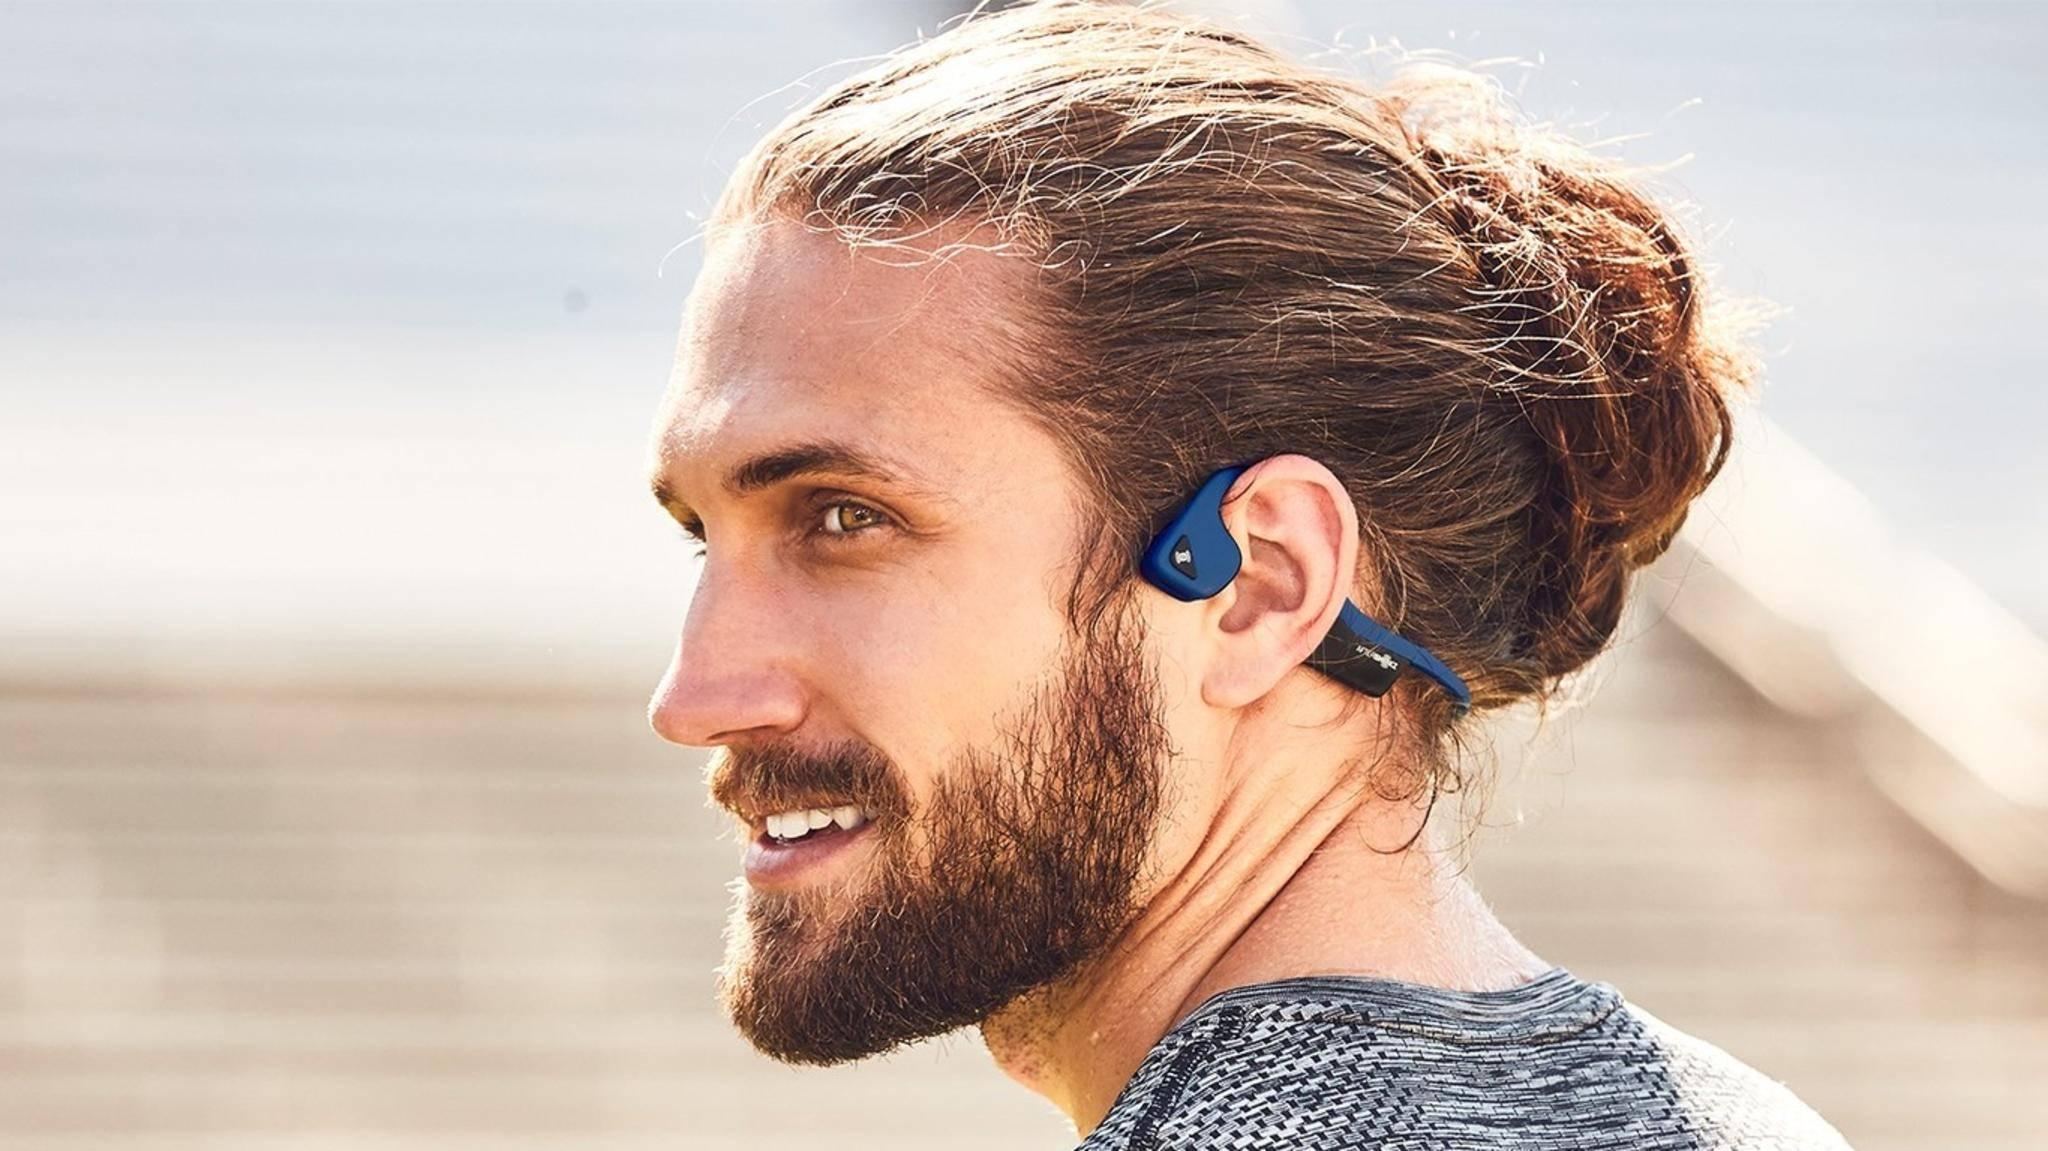 Knochenschall-Kopfhörer wie die AfterShocks Trakz Air übertragen Schall durch die Schädelknochen.